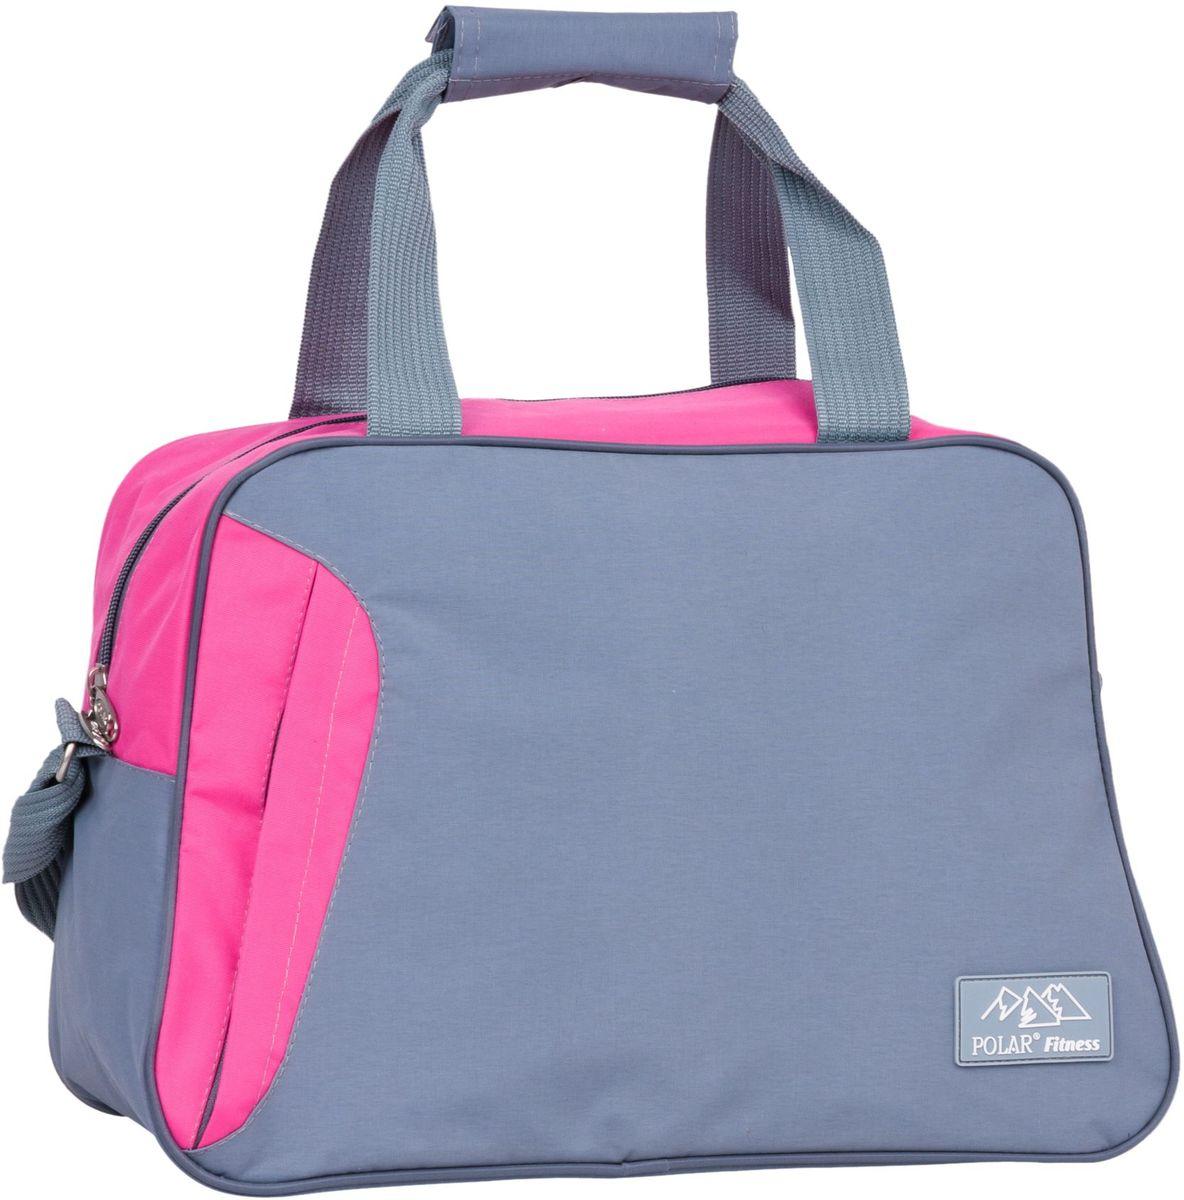 Сумка спортивная Polar, цвет: серый, розовый, 30 л. П7071BM8434-58AEСпортивная сумка Polar выполнена из полиэстера. Сумка имеет одно основное отделение с жестким дном. Внутри один открытый карман и карман на молнии. Спереди карман на молнии, открывается сбоку. В комплекте съемный плечевой ремень.